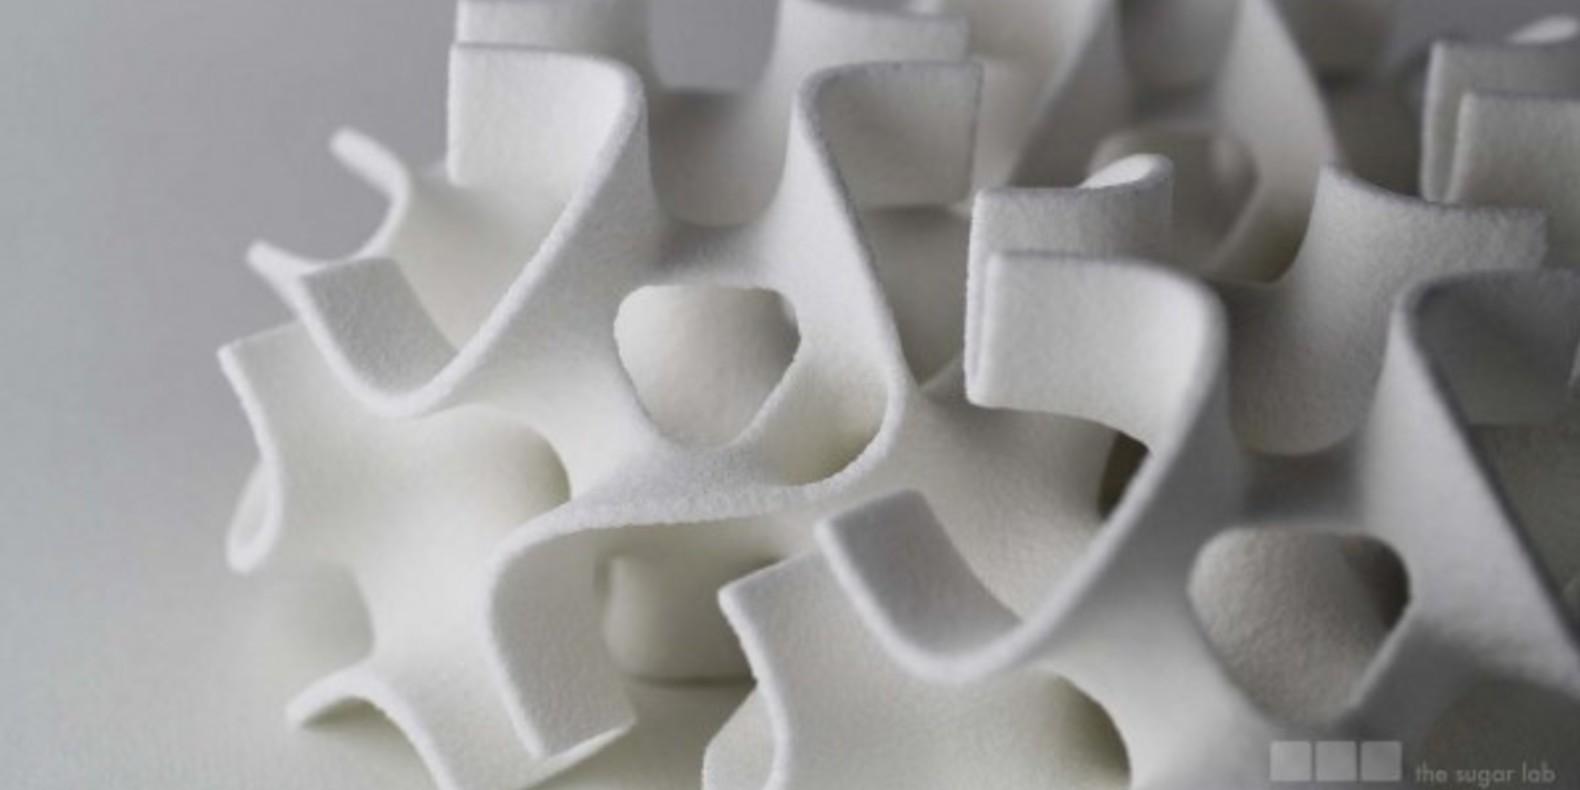 sculptures de sucre the sugar lab cults fichier 3D imprimante 3D patisserie cuisine 3D gateau